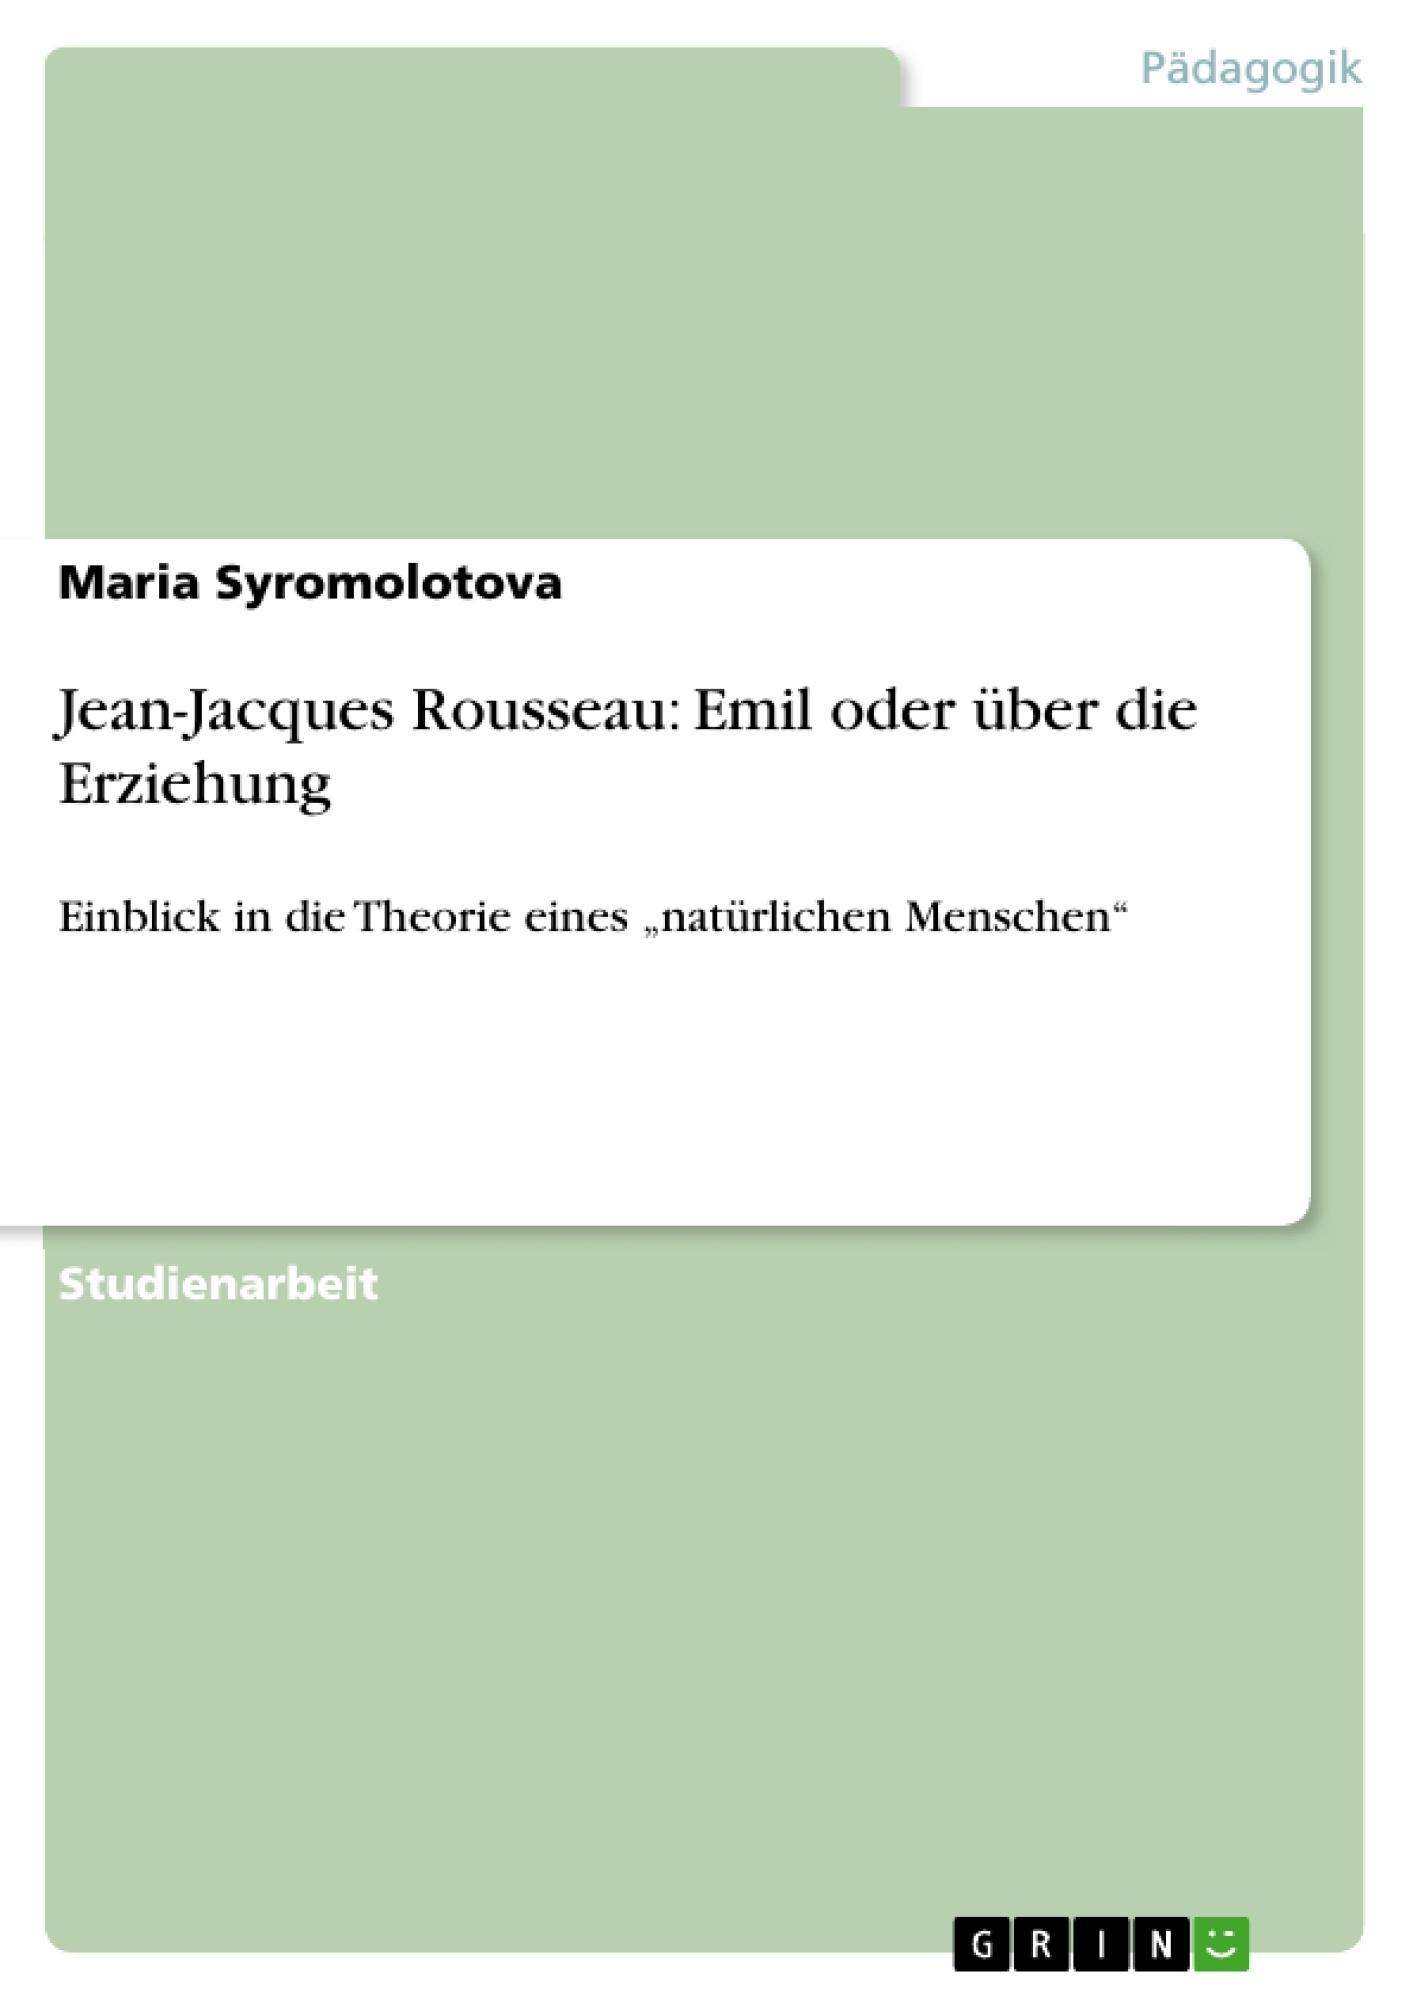 Titel: Jean-Jacques Rousseau: Emil oder über die Erziehung